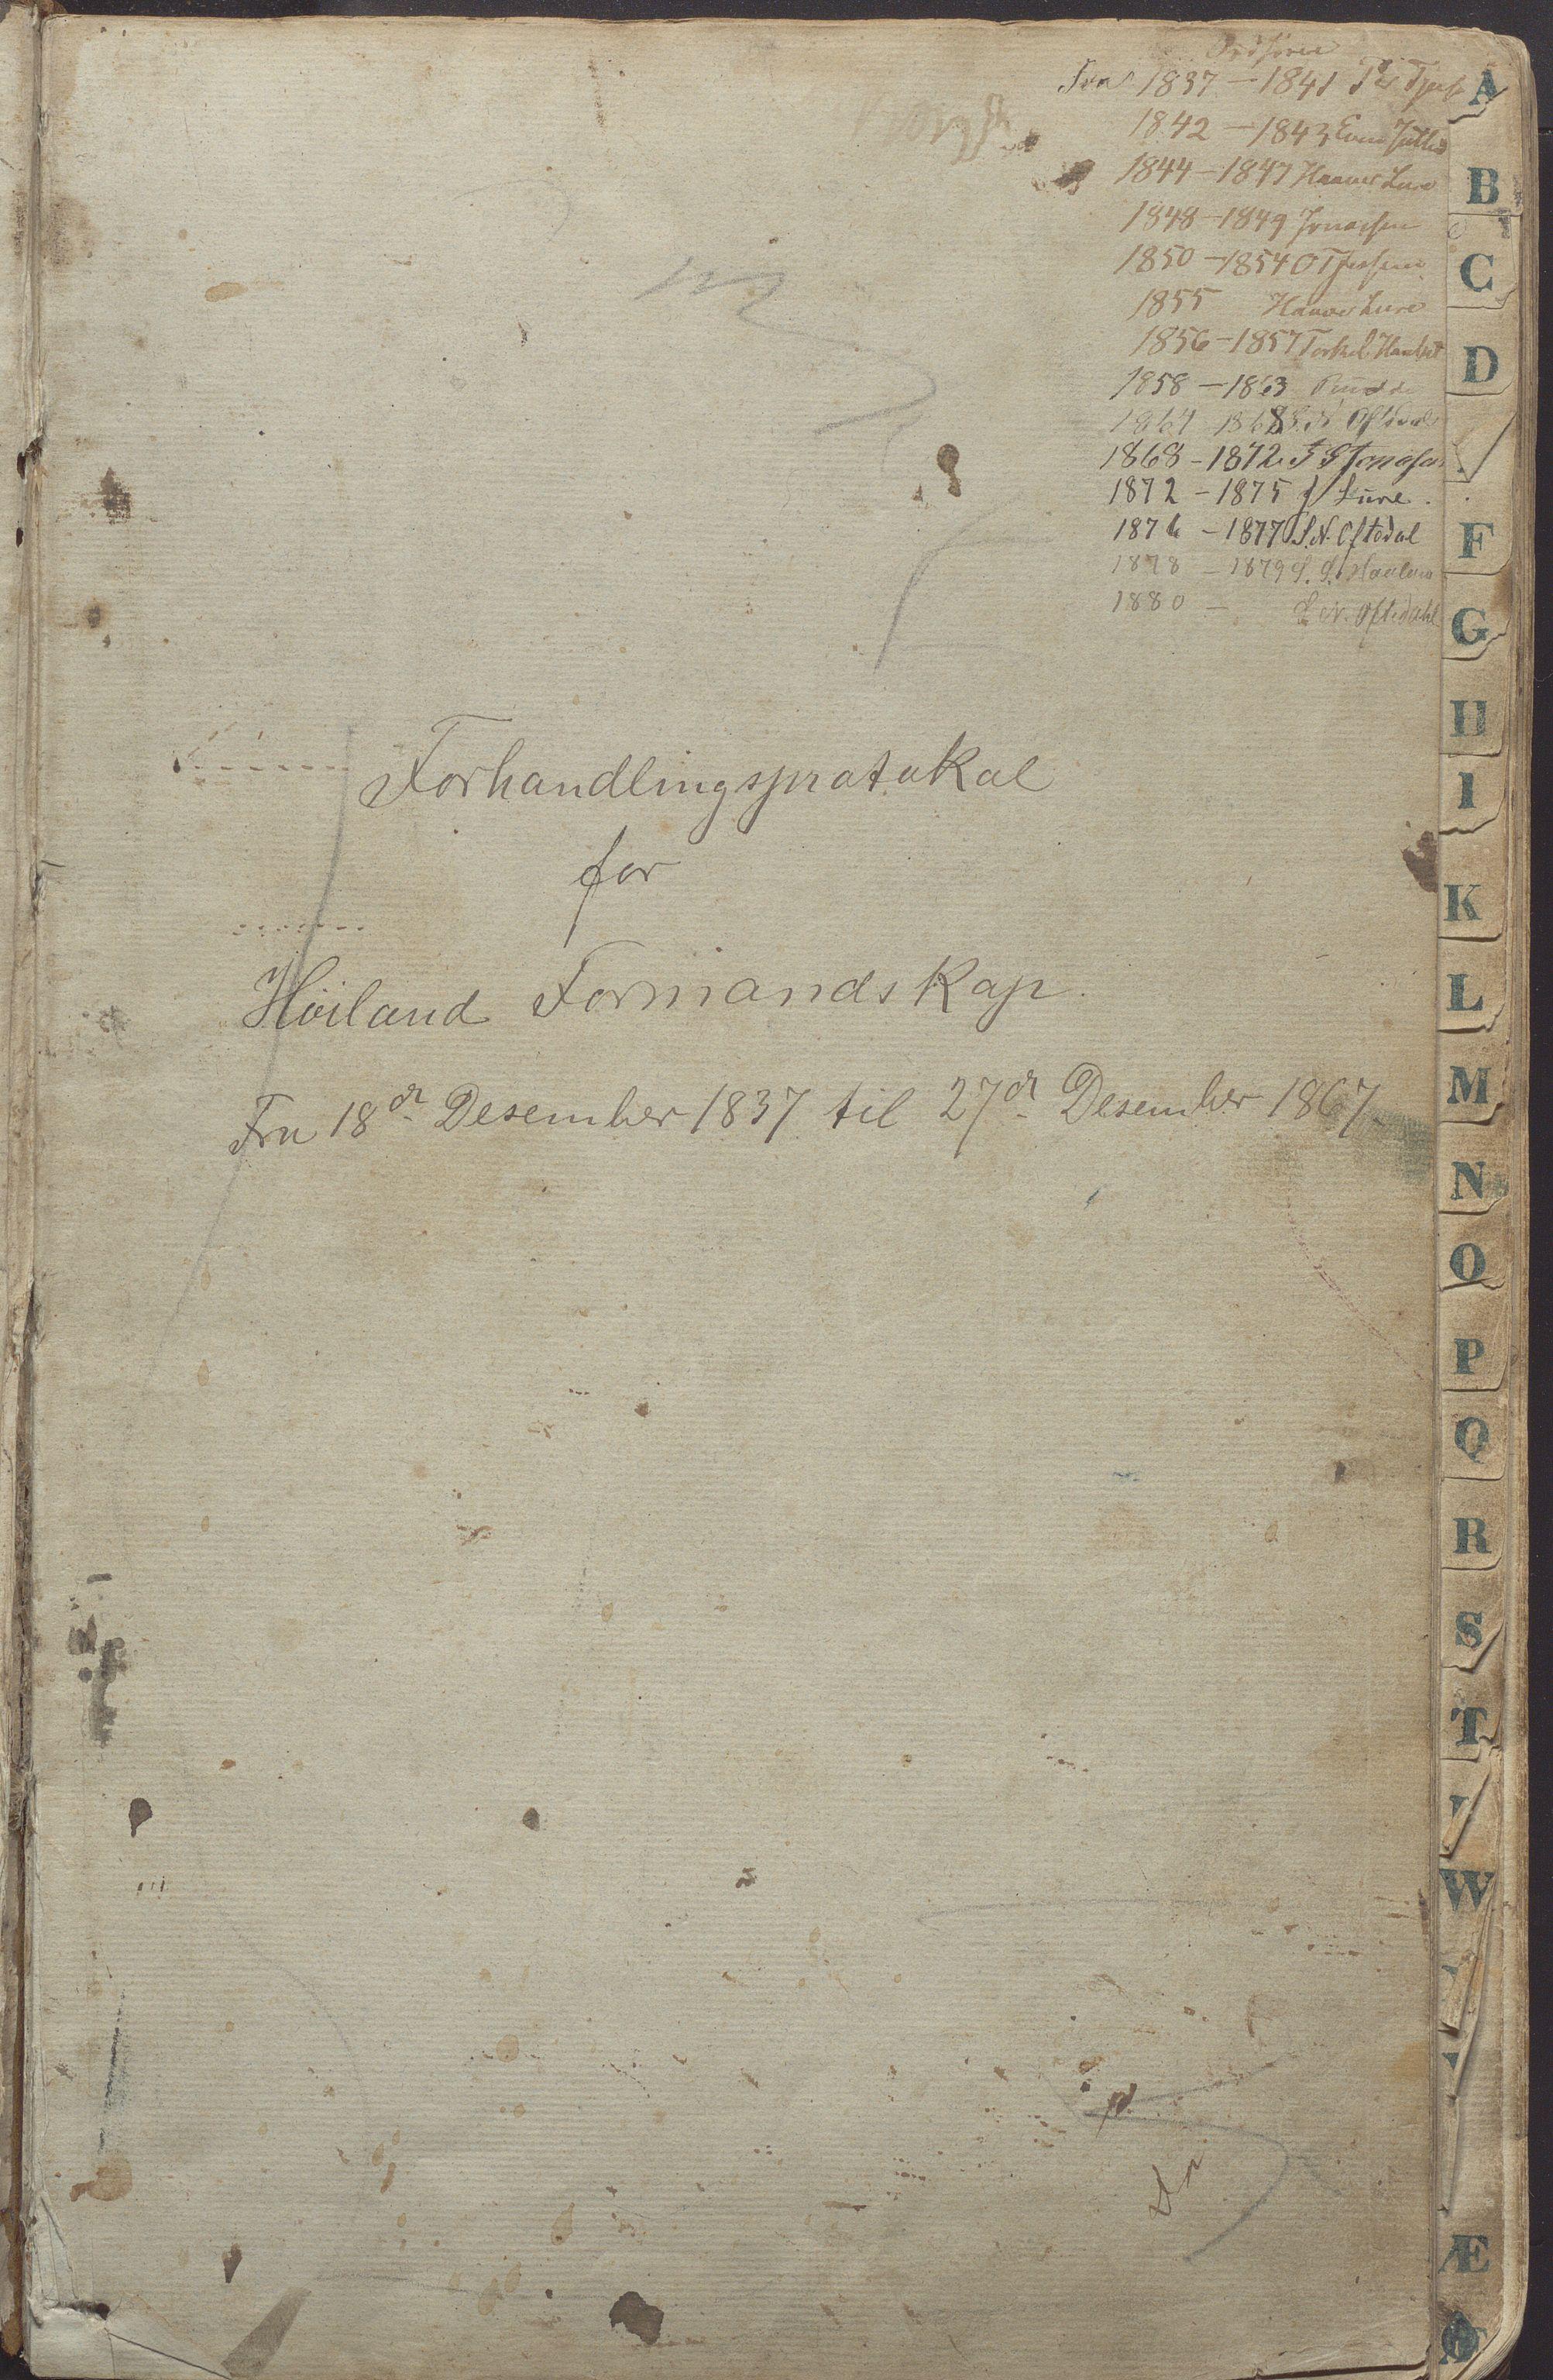 IKAR, Høyland kommune - Formannskapet, Aa/L0001: Møtebok, 1837-1867